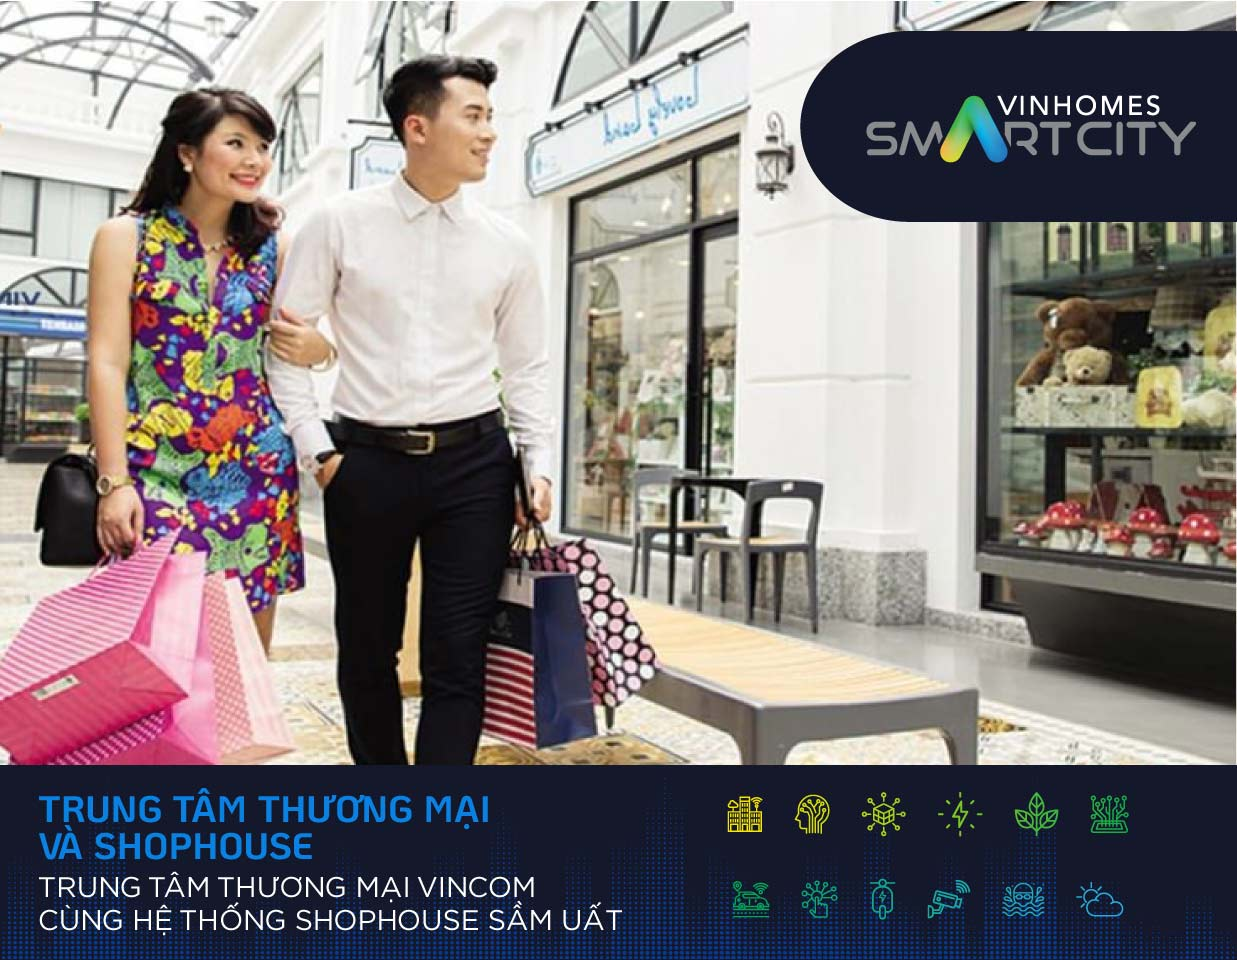 Tiá»n Ãch Mua Sắm Tại Vinhomes Smart City